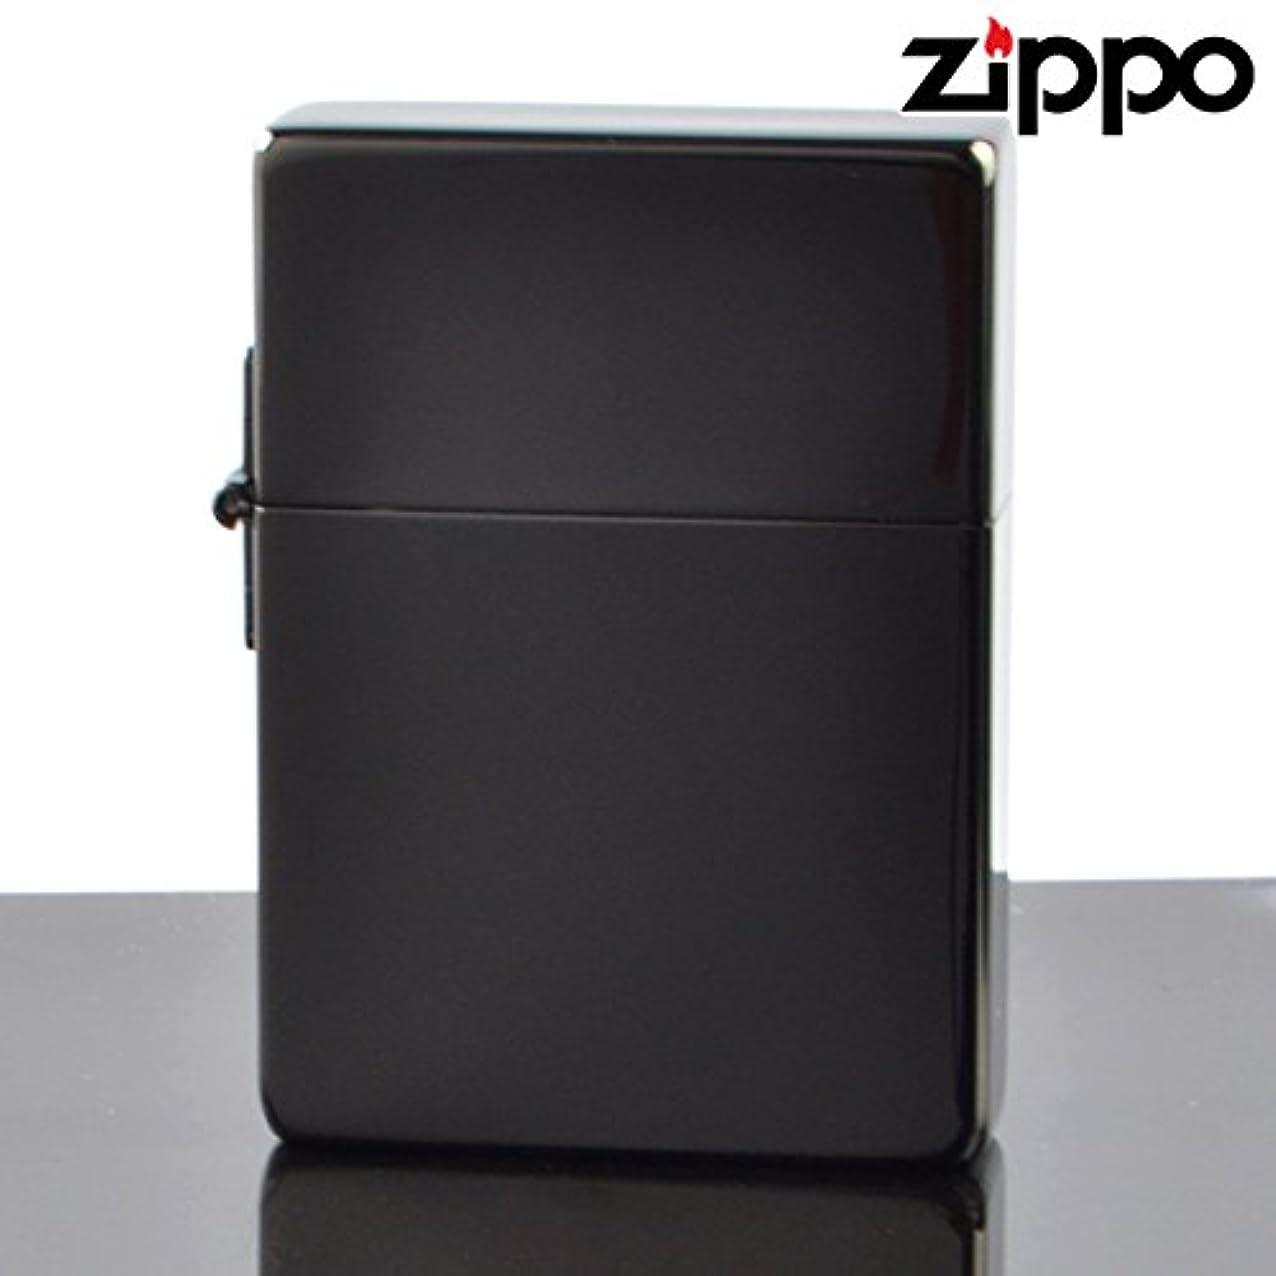 懲らしめカプセル呼吸ZIPPO#1935 N8チタンコーティング 1935年レプリカモデル (10020095)